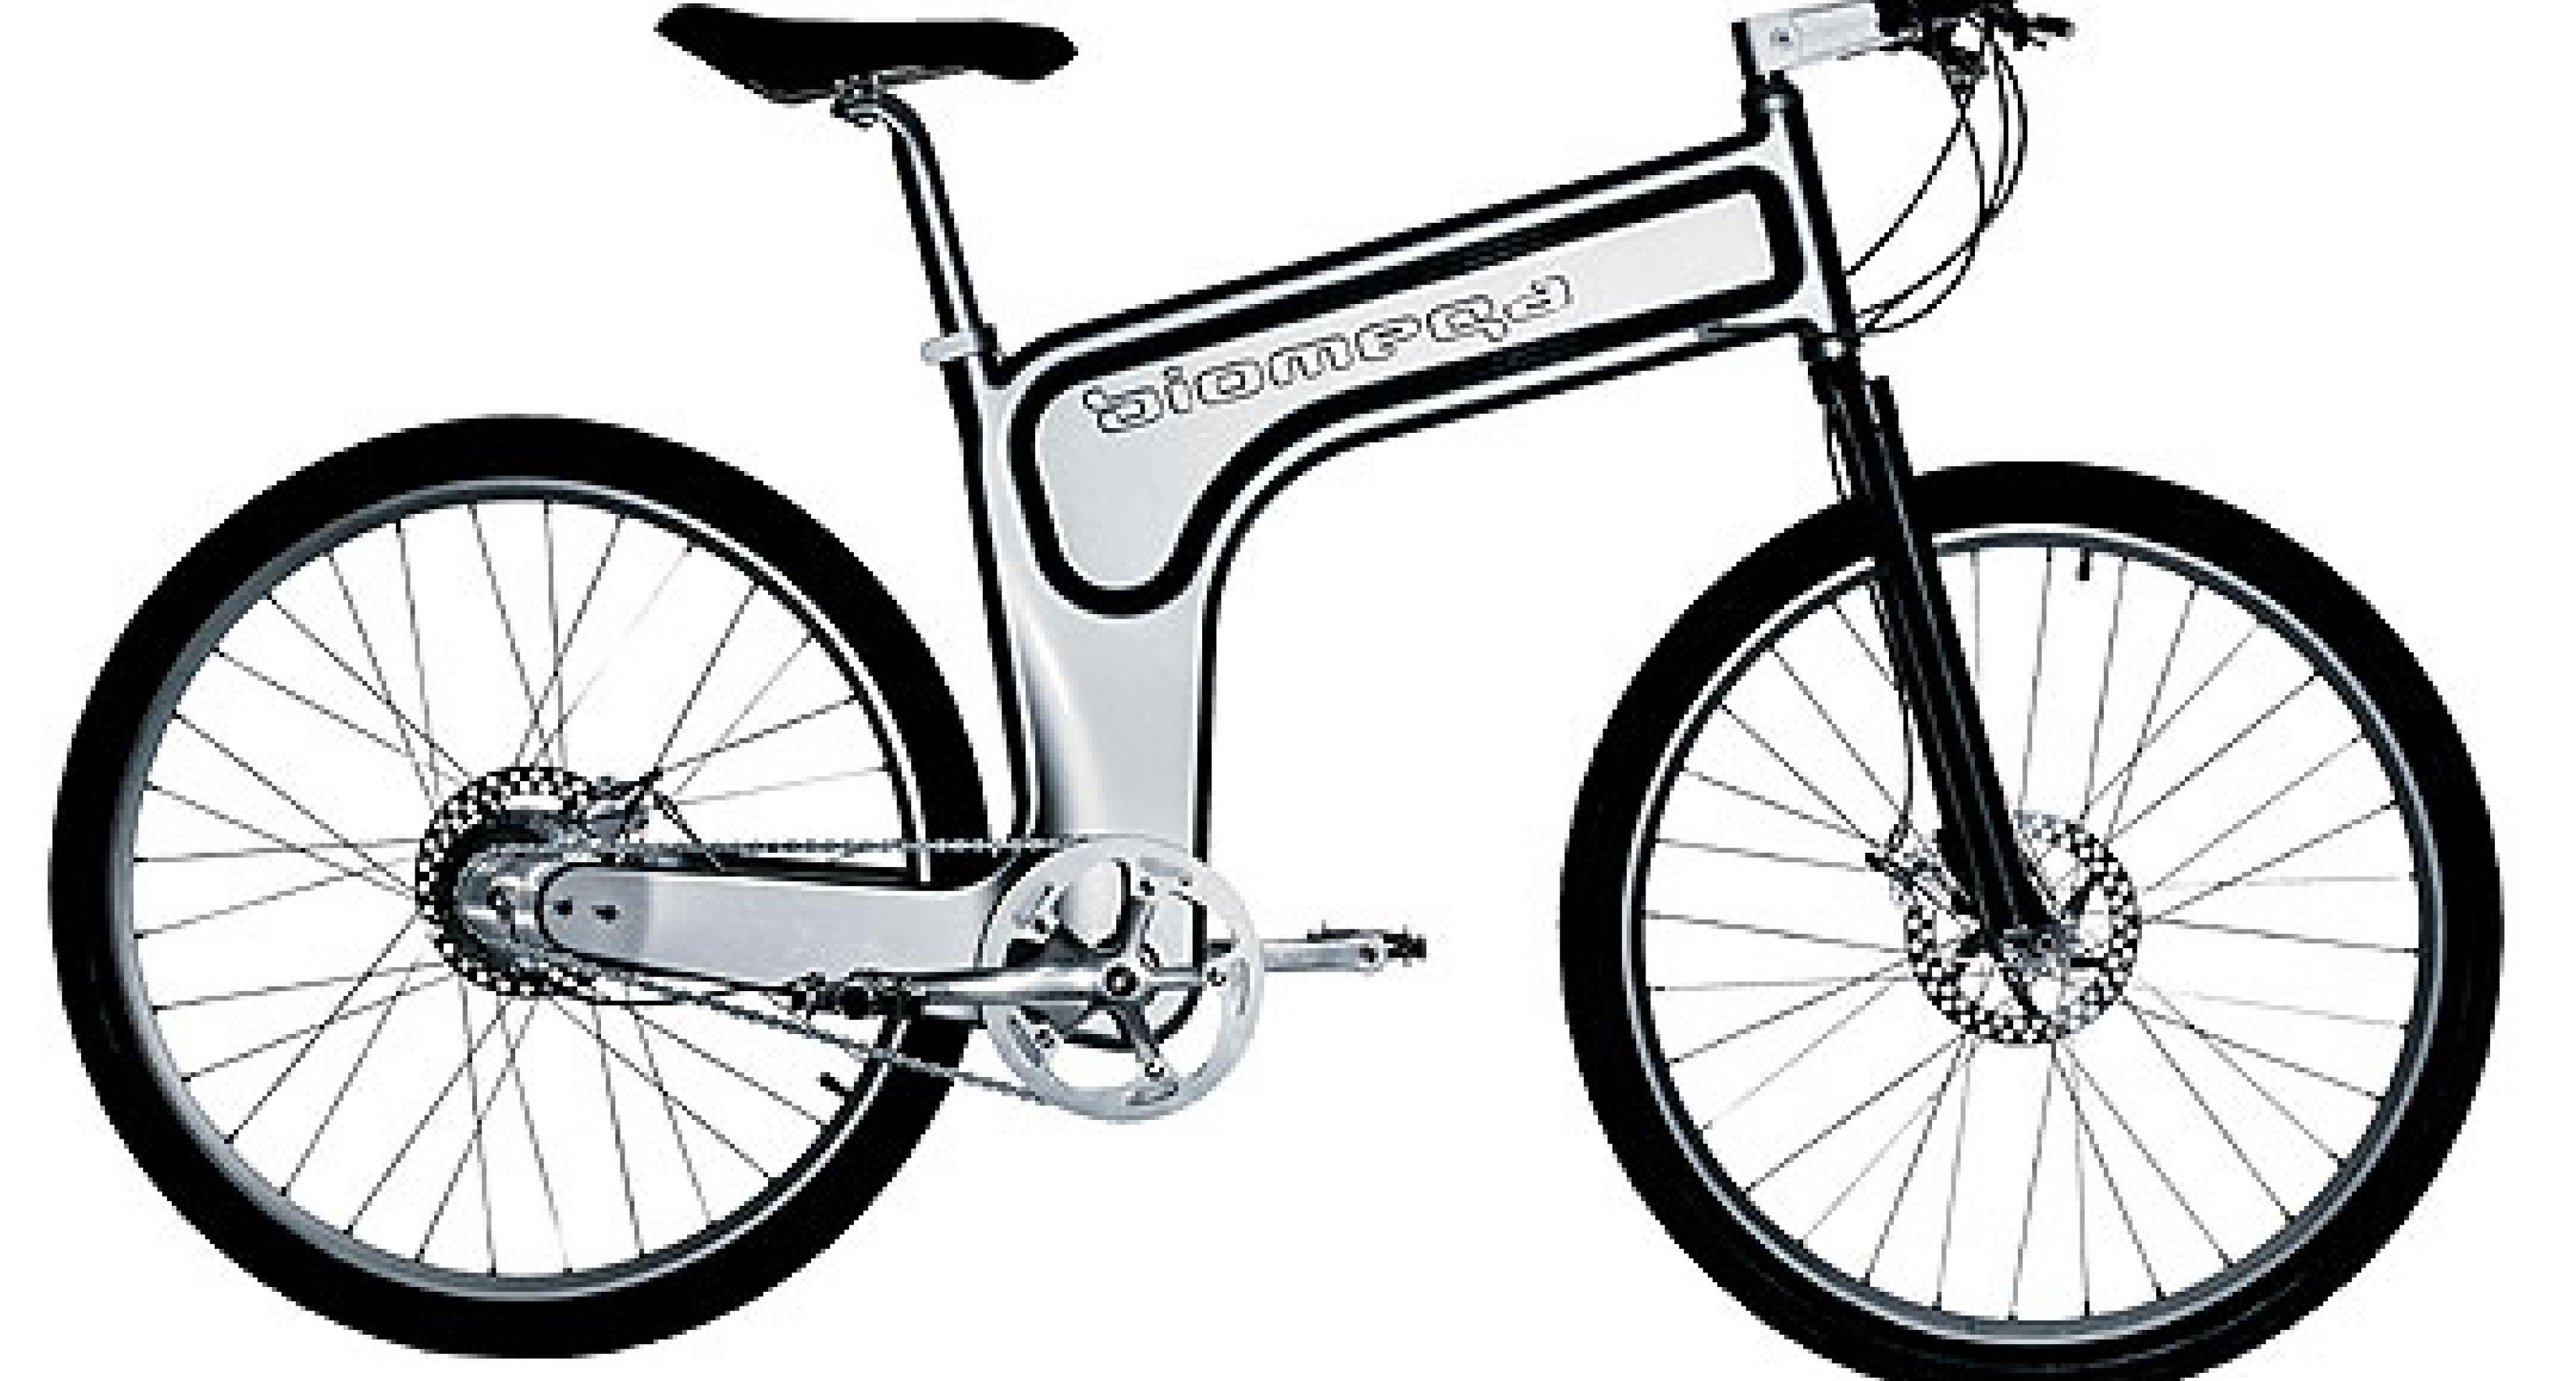 Biomega Bicycles